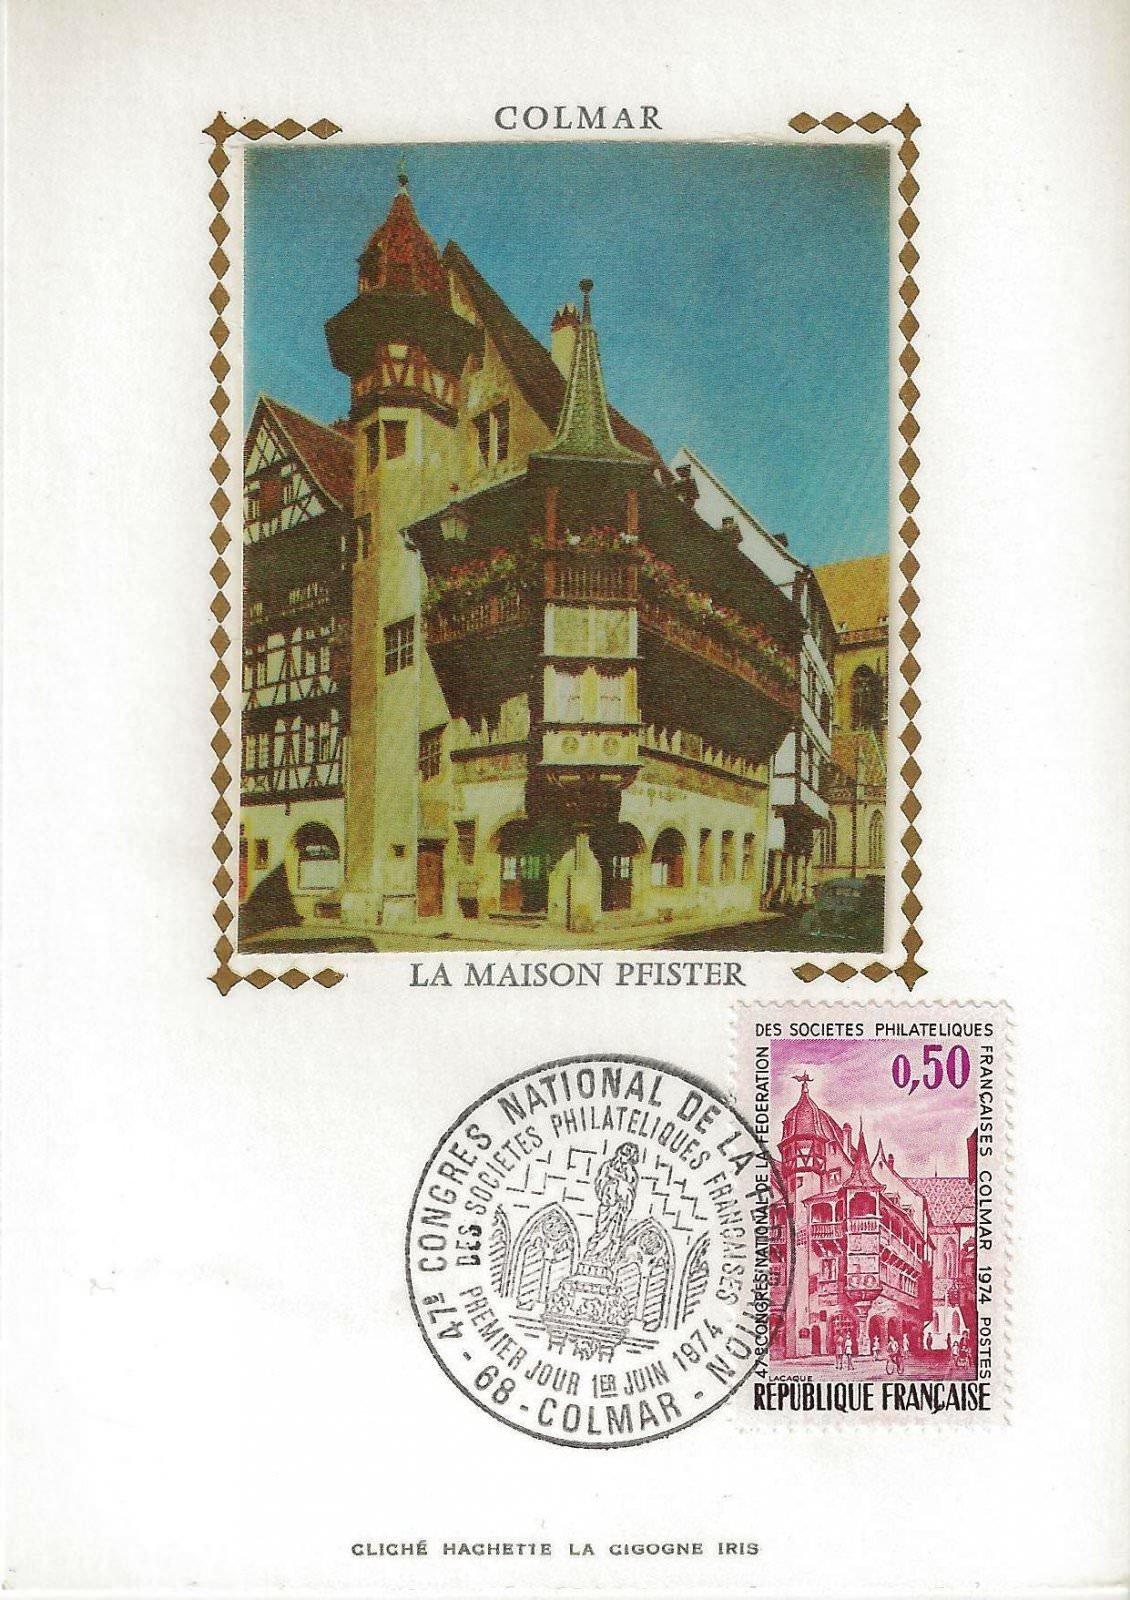 1974CONGRESfspf